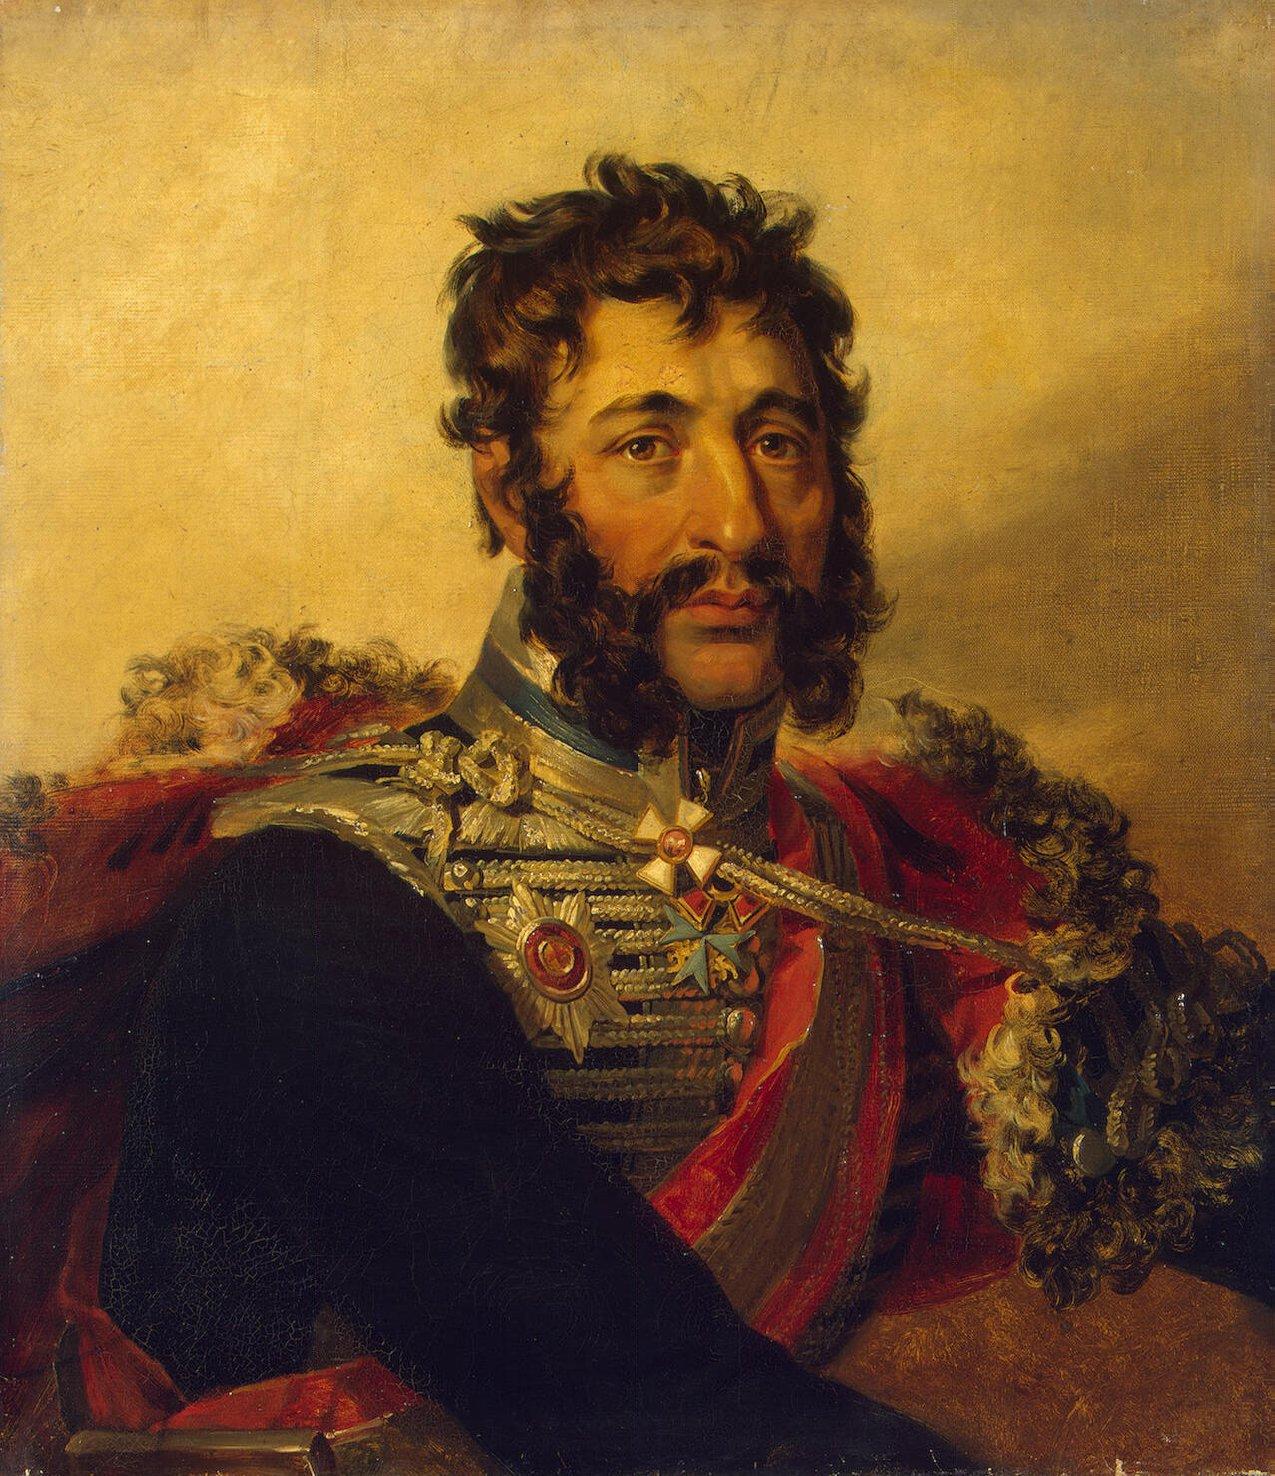 Кульнев, Яков Петрович